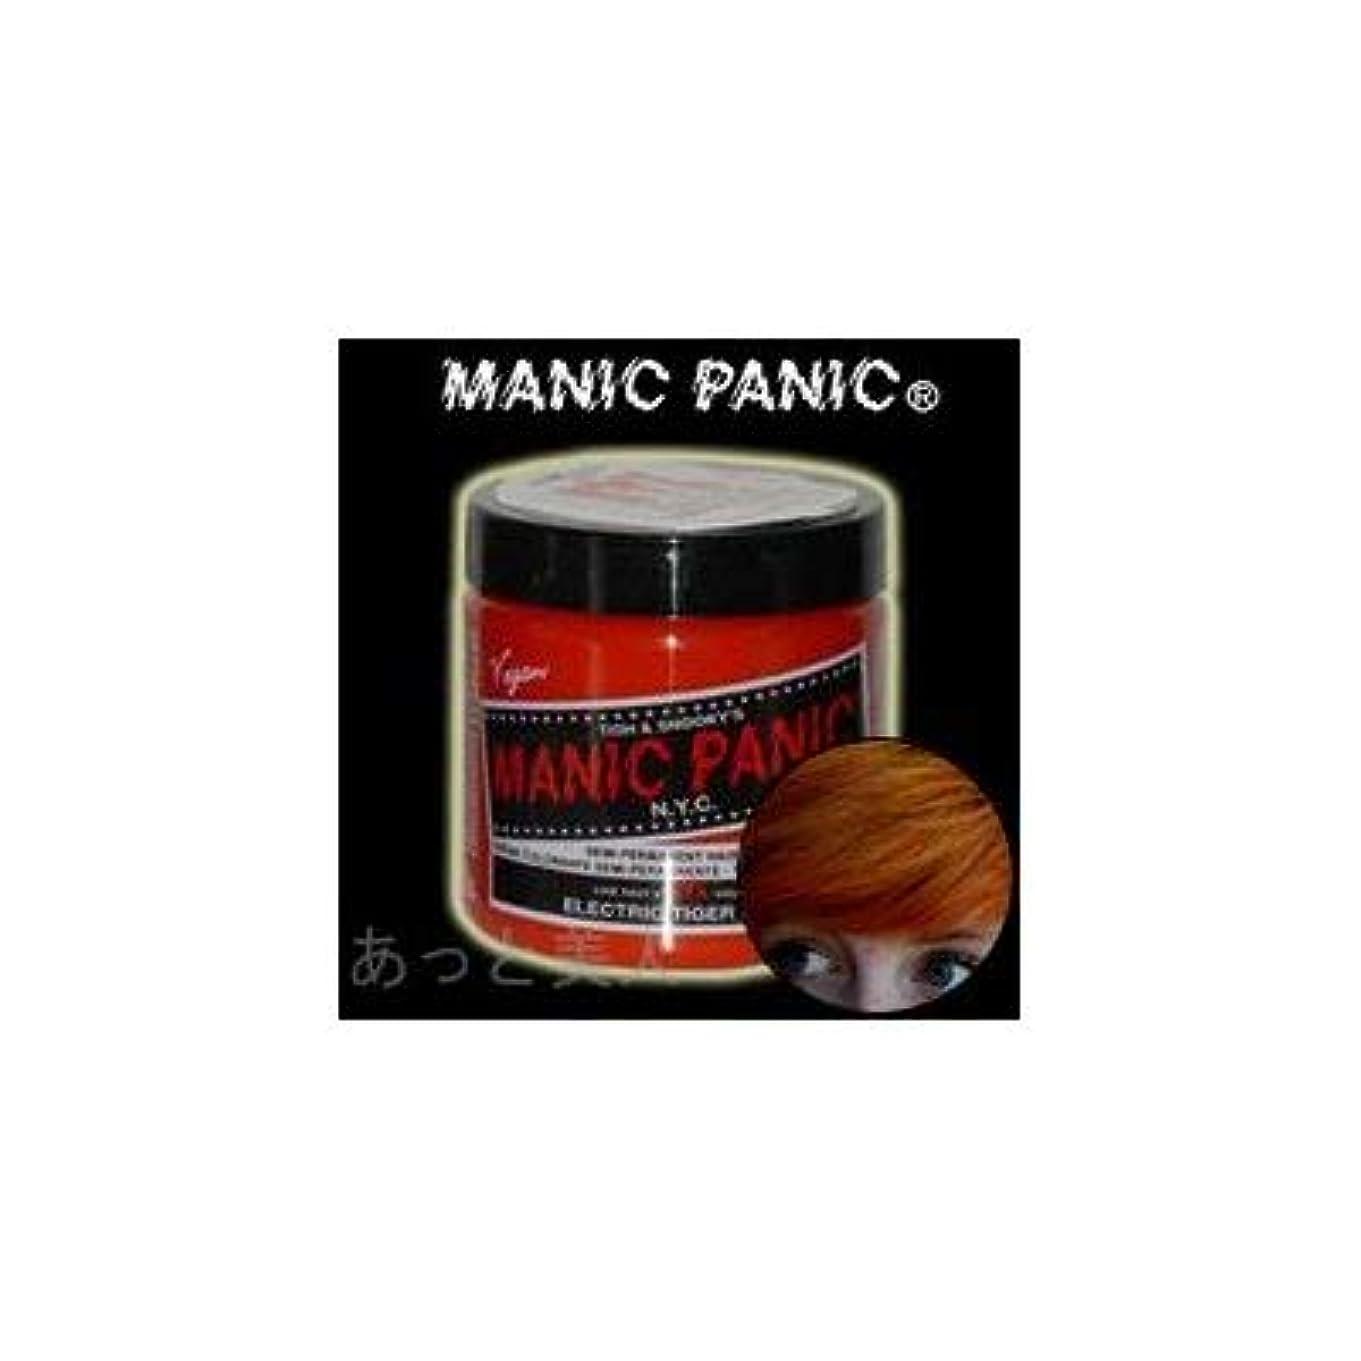 ペインティング意図独立したMANIC PANICマニックパニック エレクトリックタイガーリリー(Electric Tiger Lily)